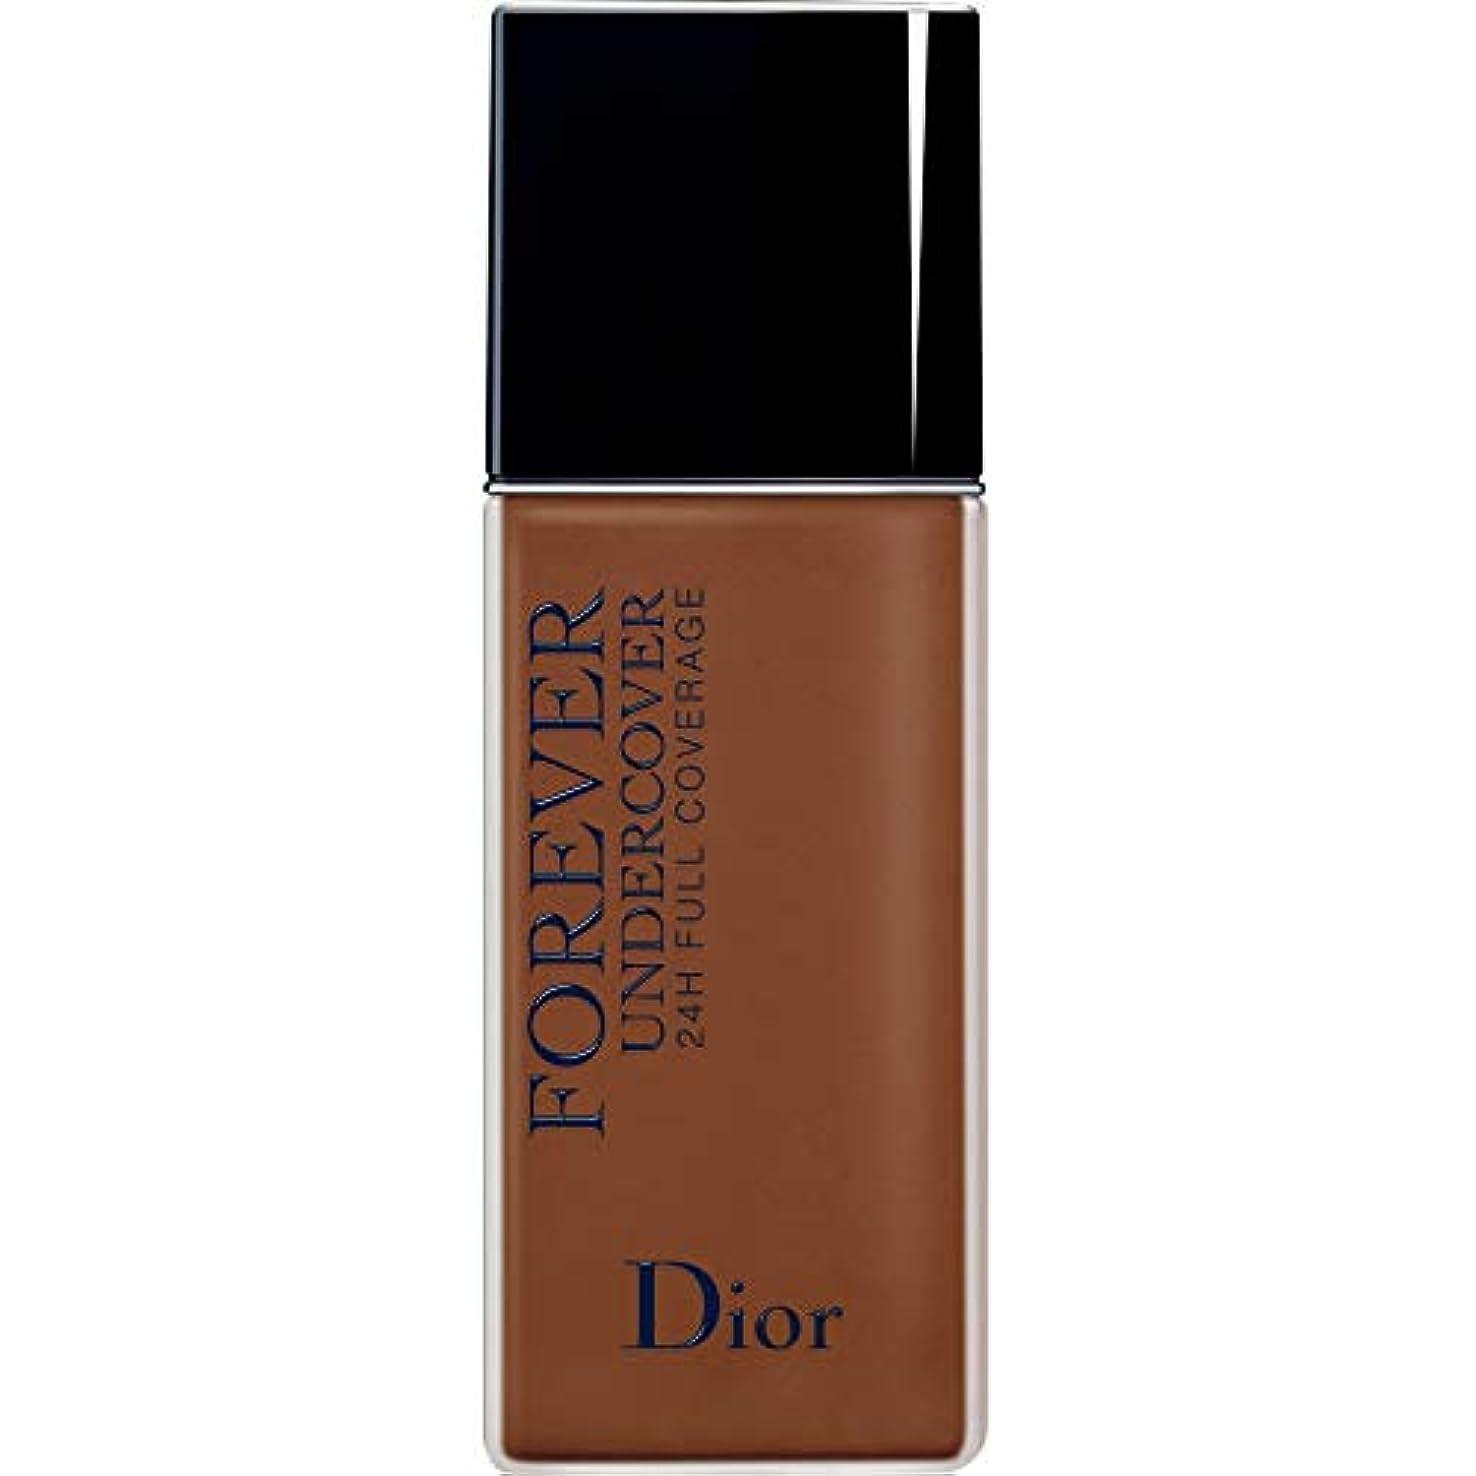 証人幸運なご意見[Dior ] ディオールディオールスキン永遠アンダーカバーフルカバーの基礎40ミリリットル070 - ダークブラウン - DIOR Diorskin Forever Undercover Full Coverage Foundation...